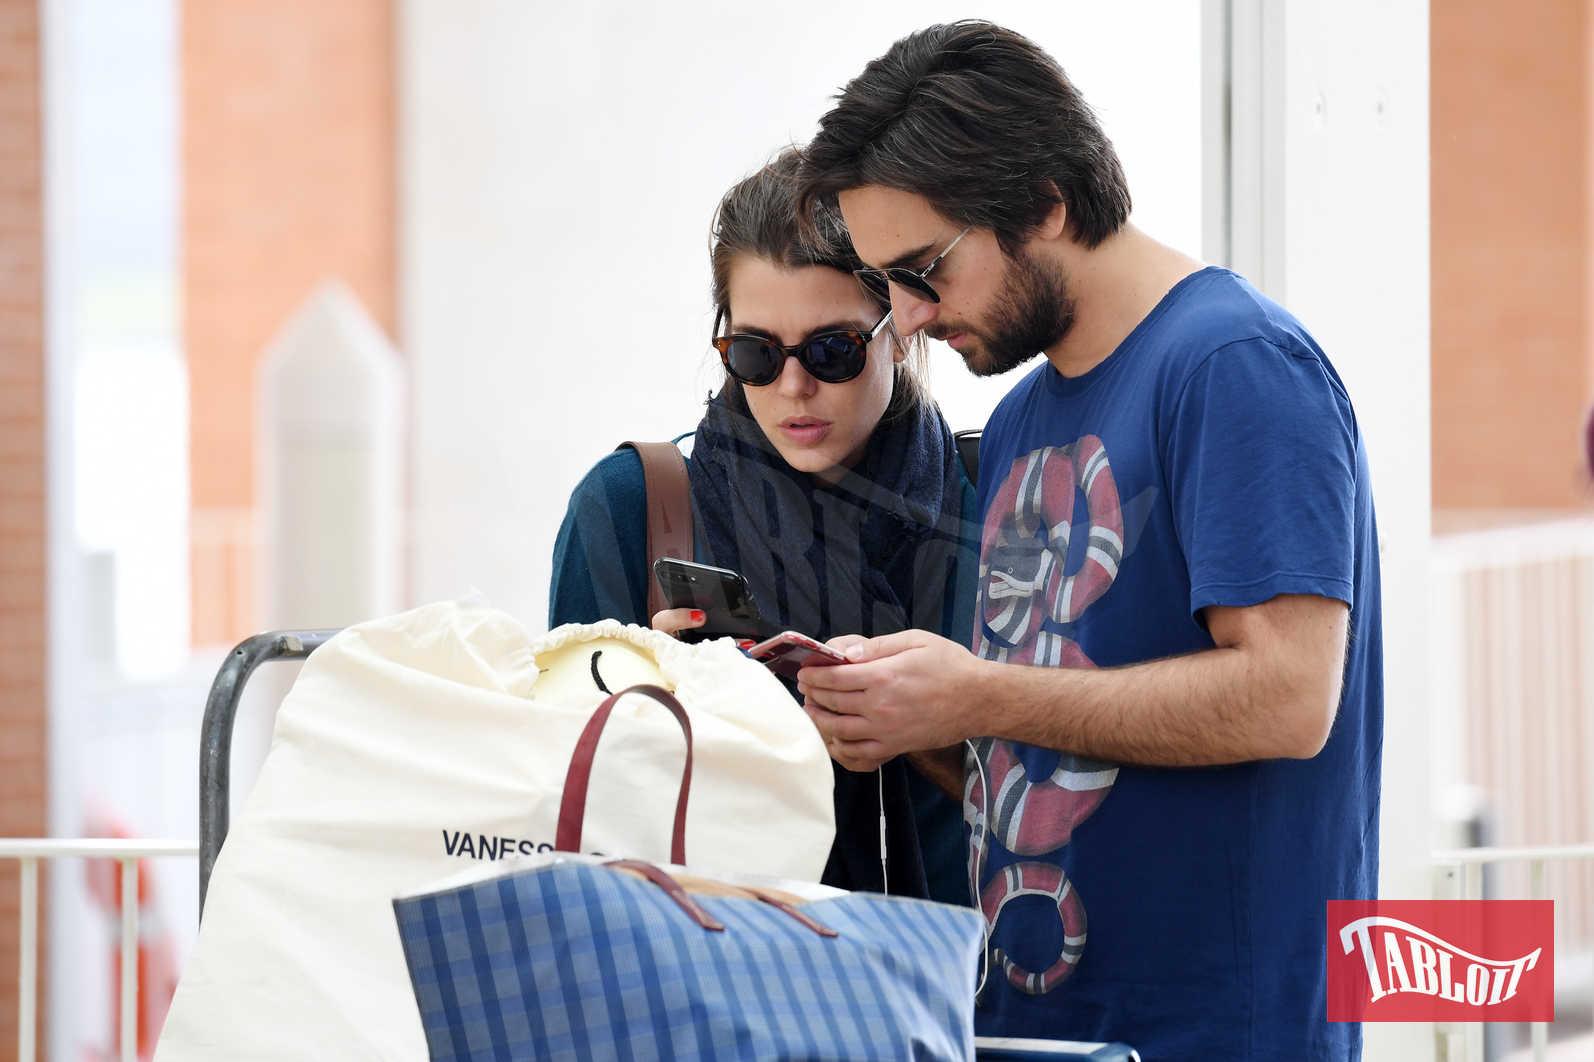 Charlotte Casiraghi e Dimitri Rassam lo scorso maggio. La coppia sta lasciando Venezia, dove era andata in occasione della Biennale d'arte